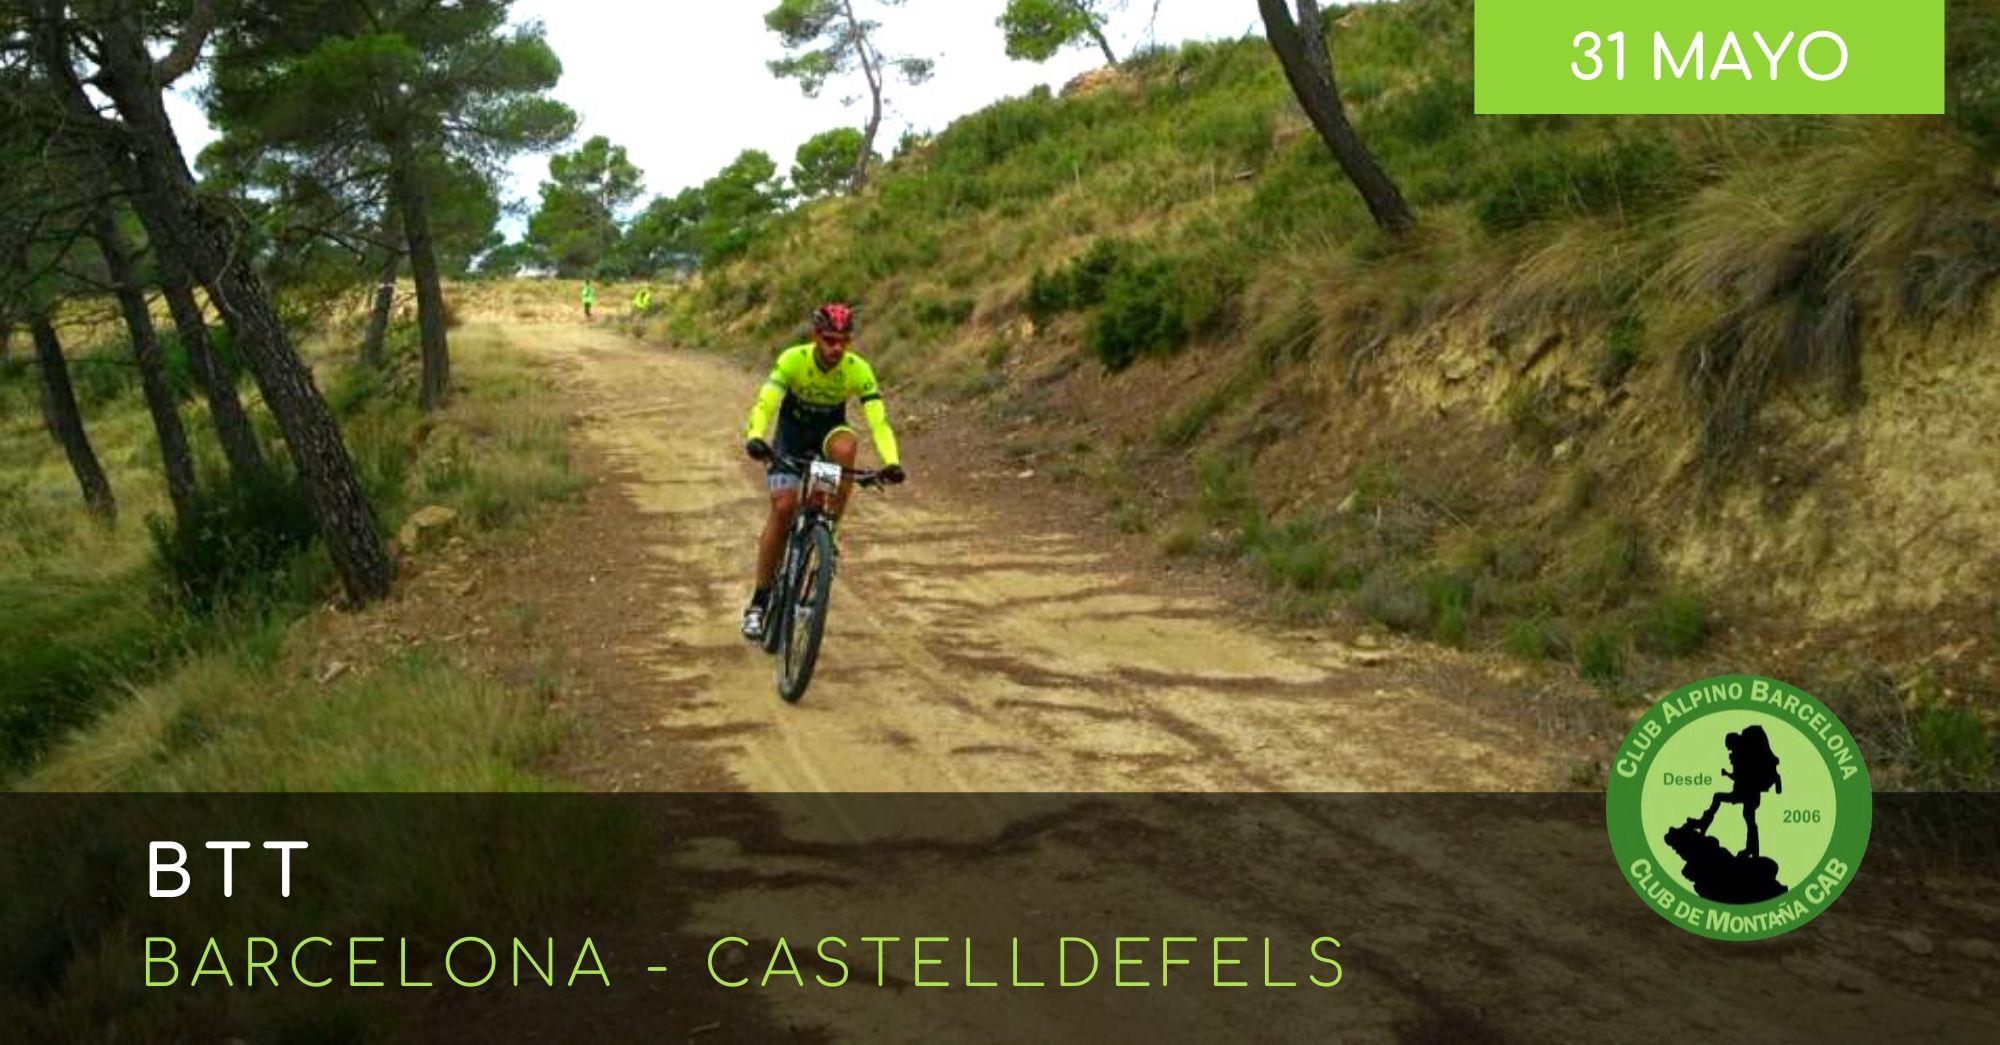 BTT Barcelona Castelldefels